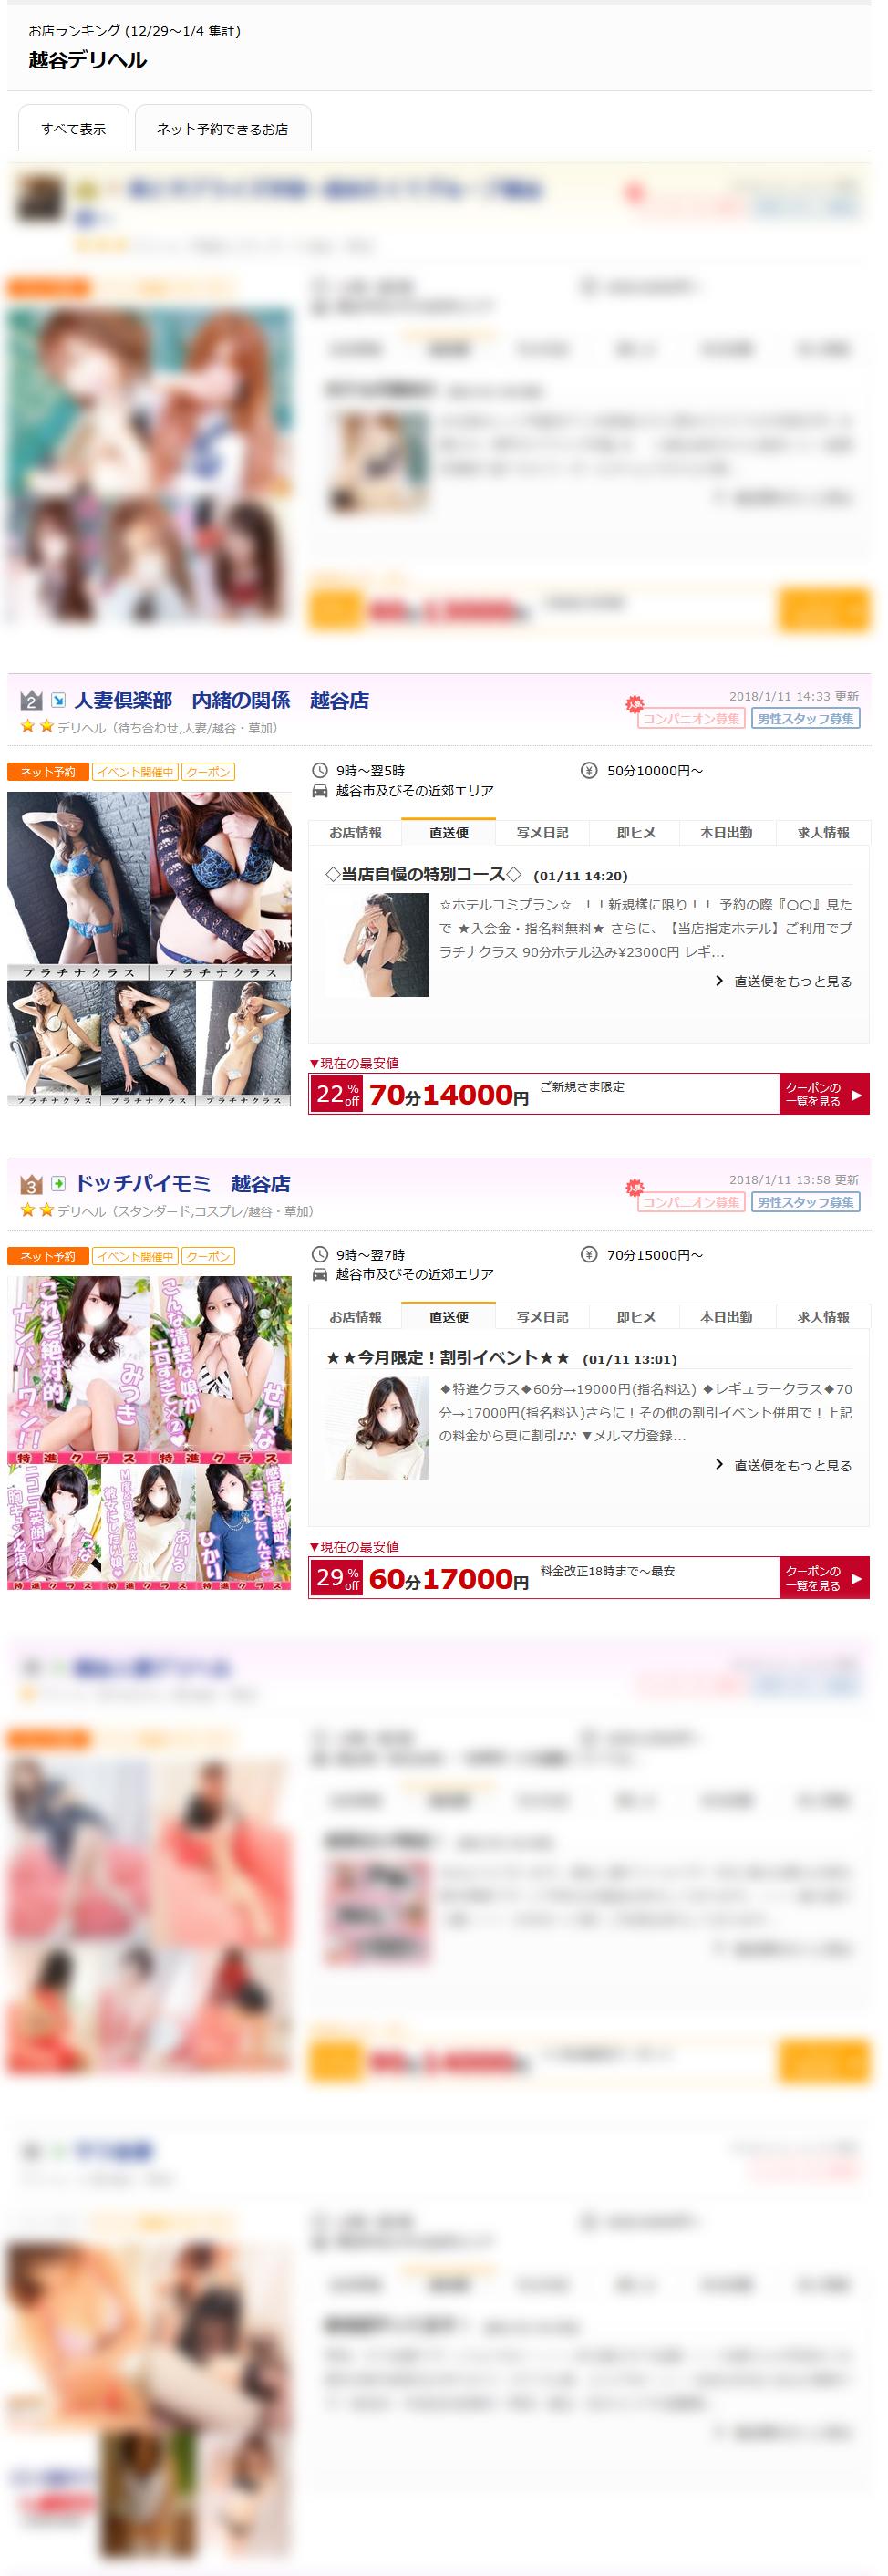 越谷デリヘルお店ランキング2018-01-08